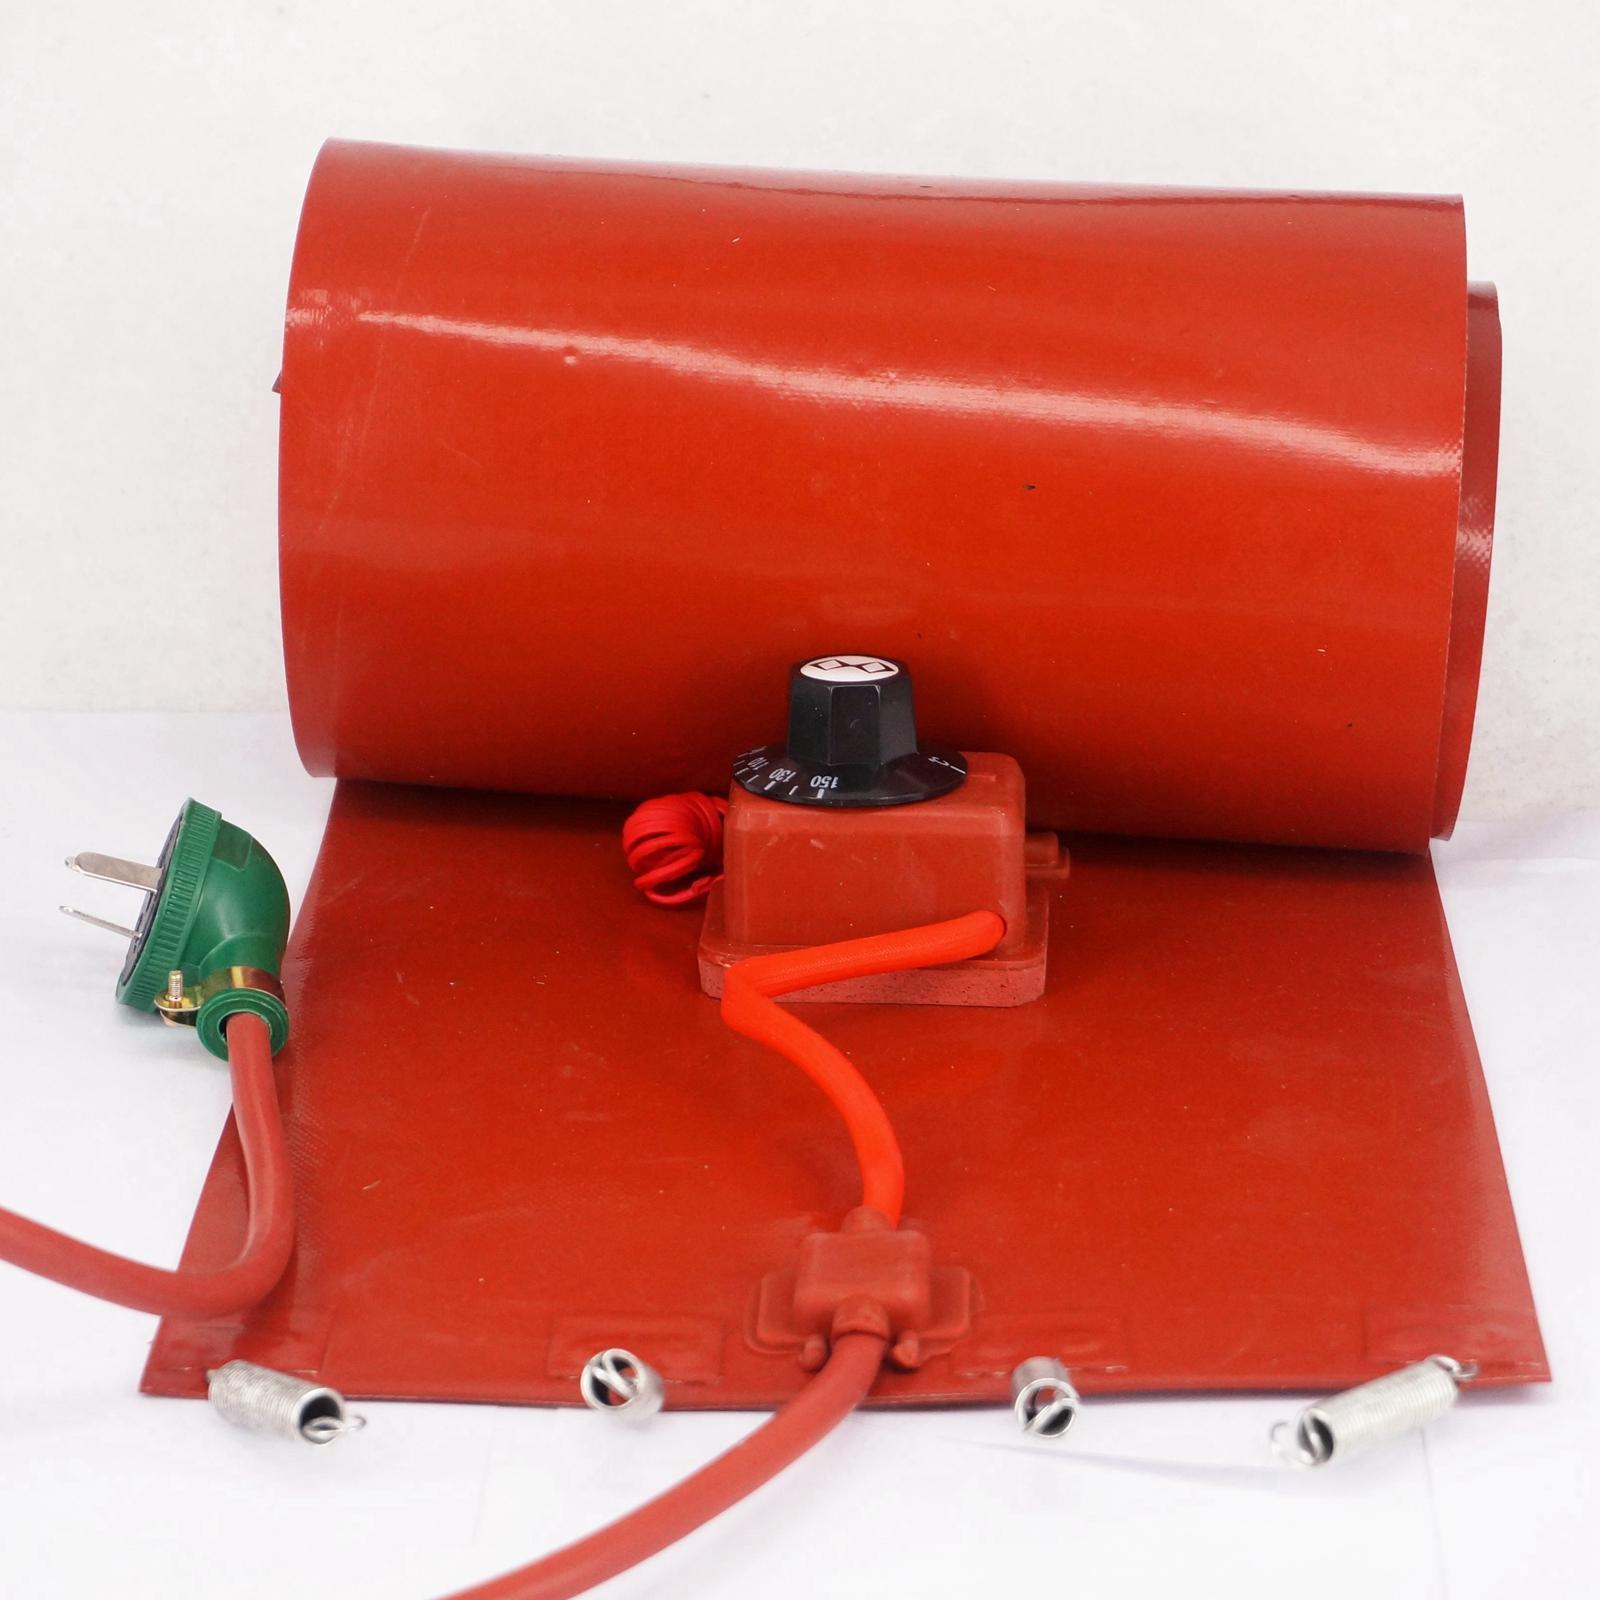 200 L (55 Gallons) 250x1740x1.6mm 3000 W Flexible De Silicium Bande Tambour Chauffe-Couverture Biodiesel d'huile En Plastique Baril En Métal